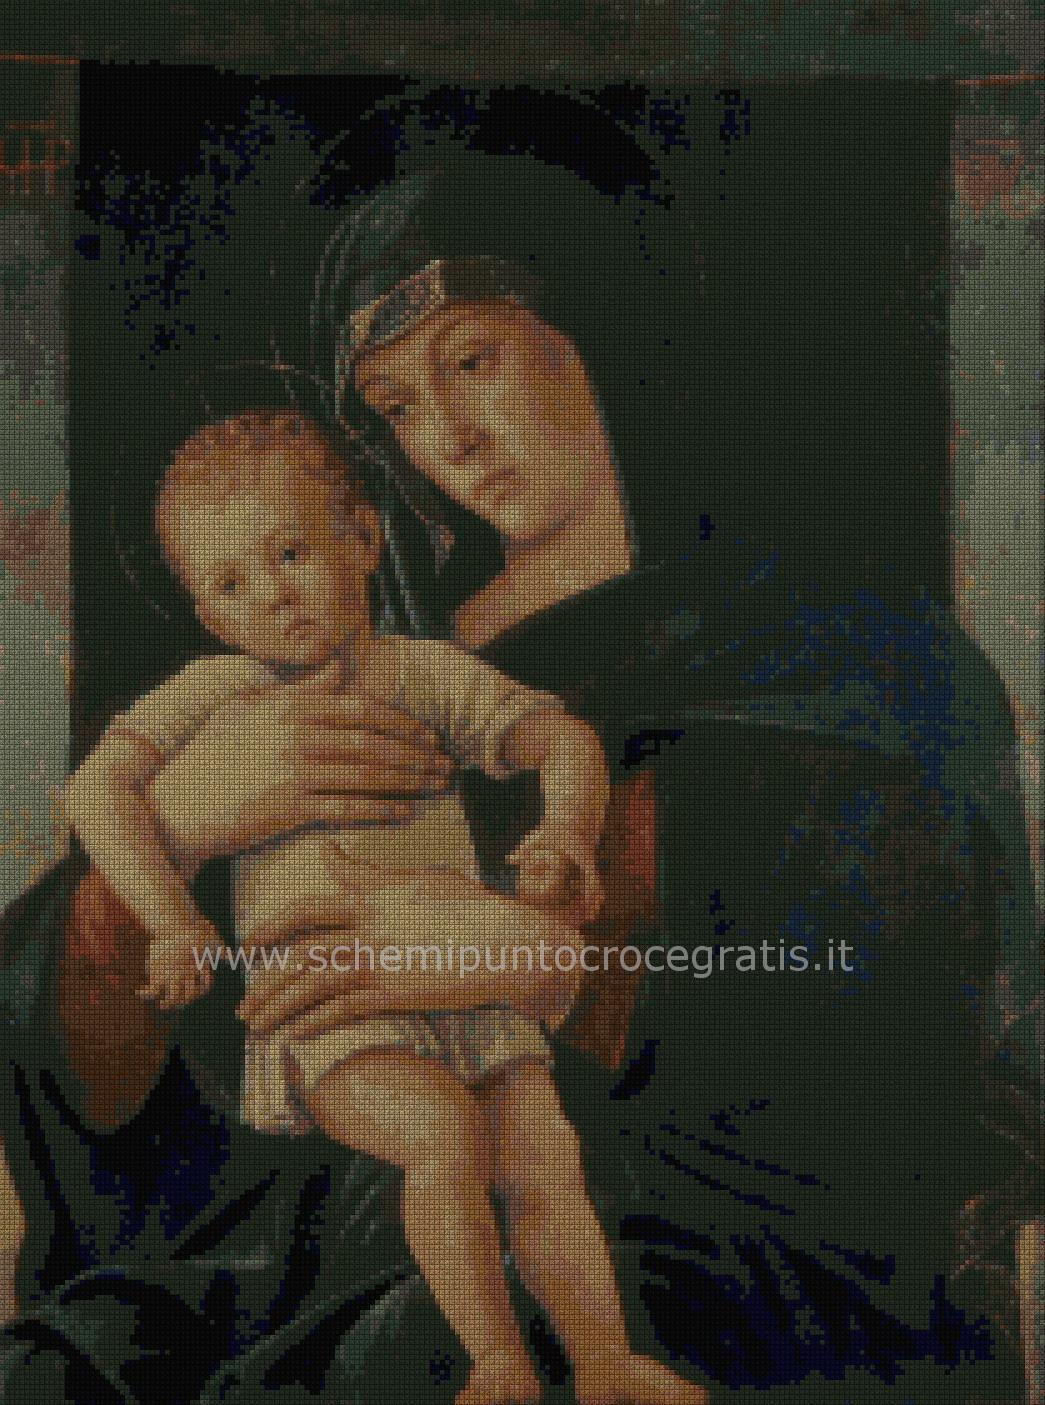 pittori_classici/bellini/bellini_il_giambellino_02s.jpg